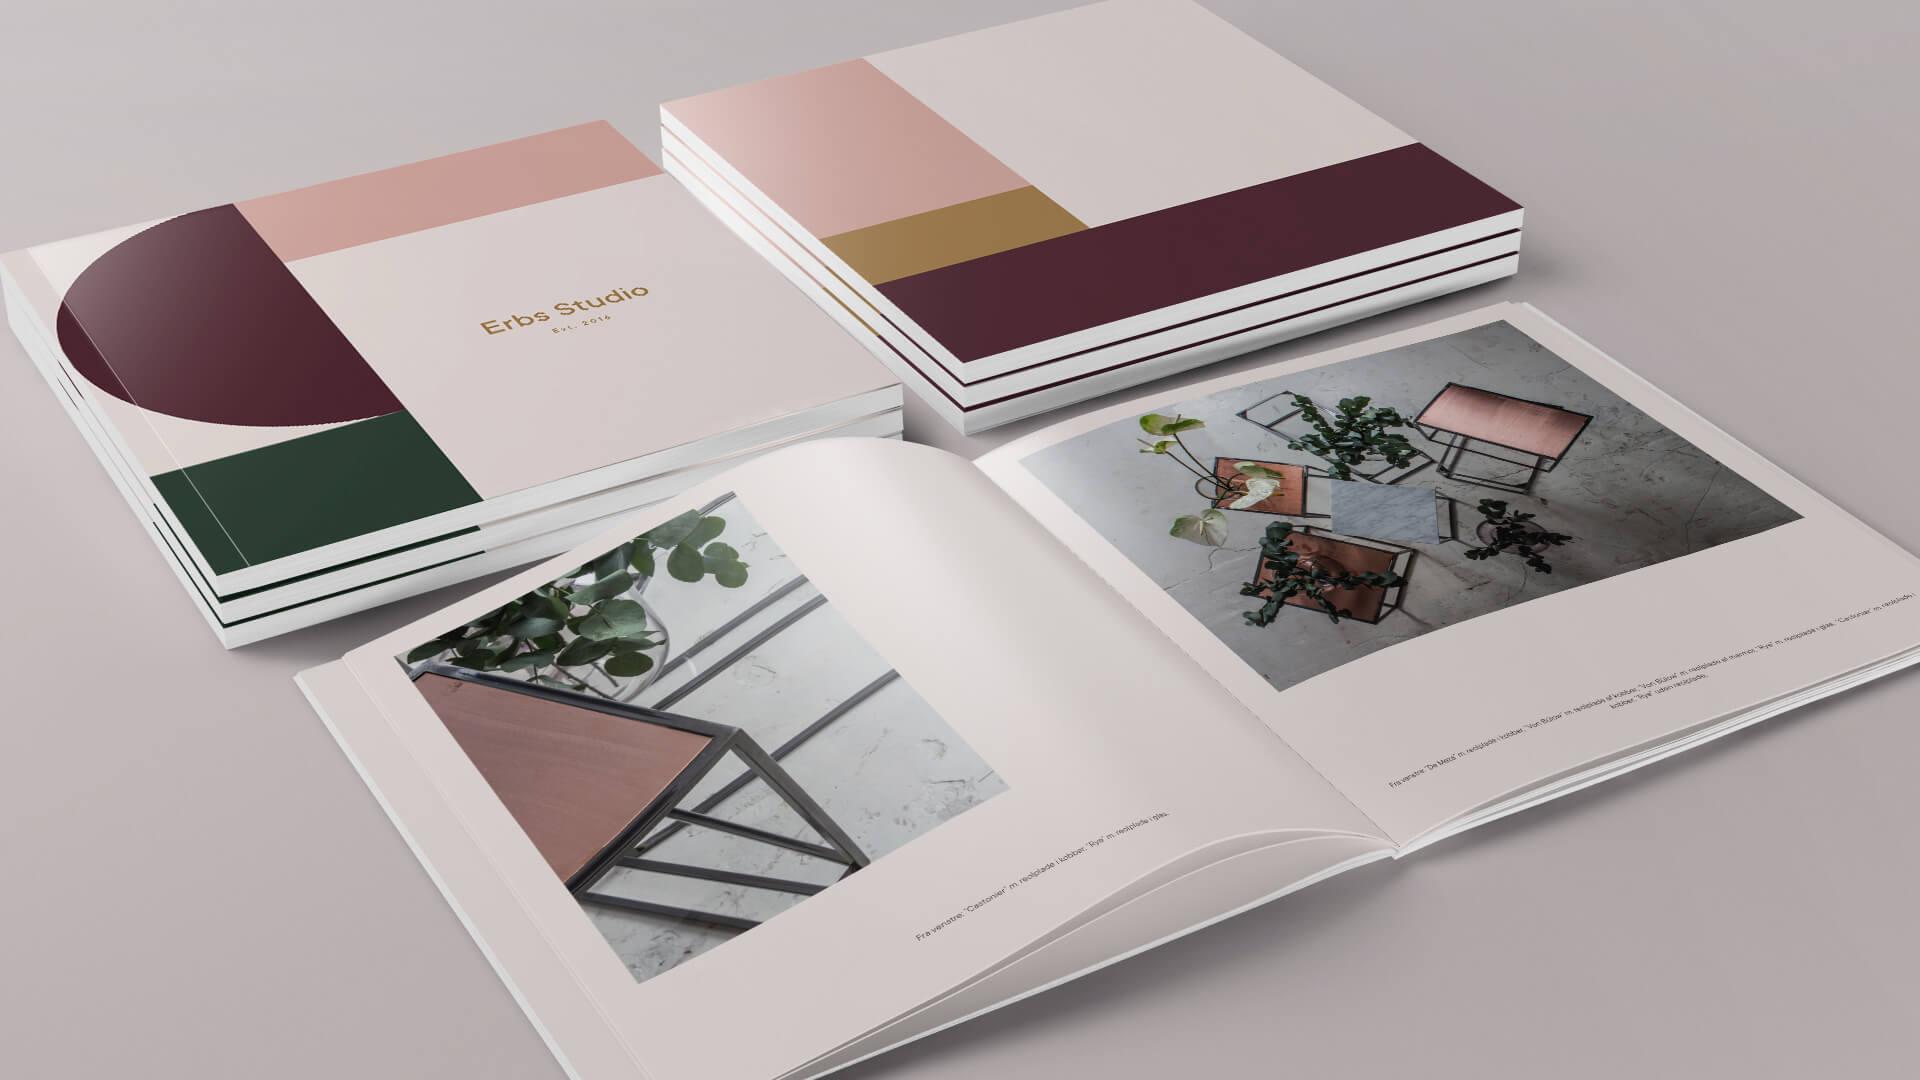 Erbs-brochure-mockup-1920×1080